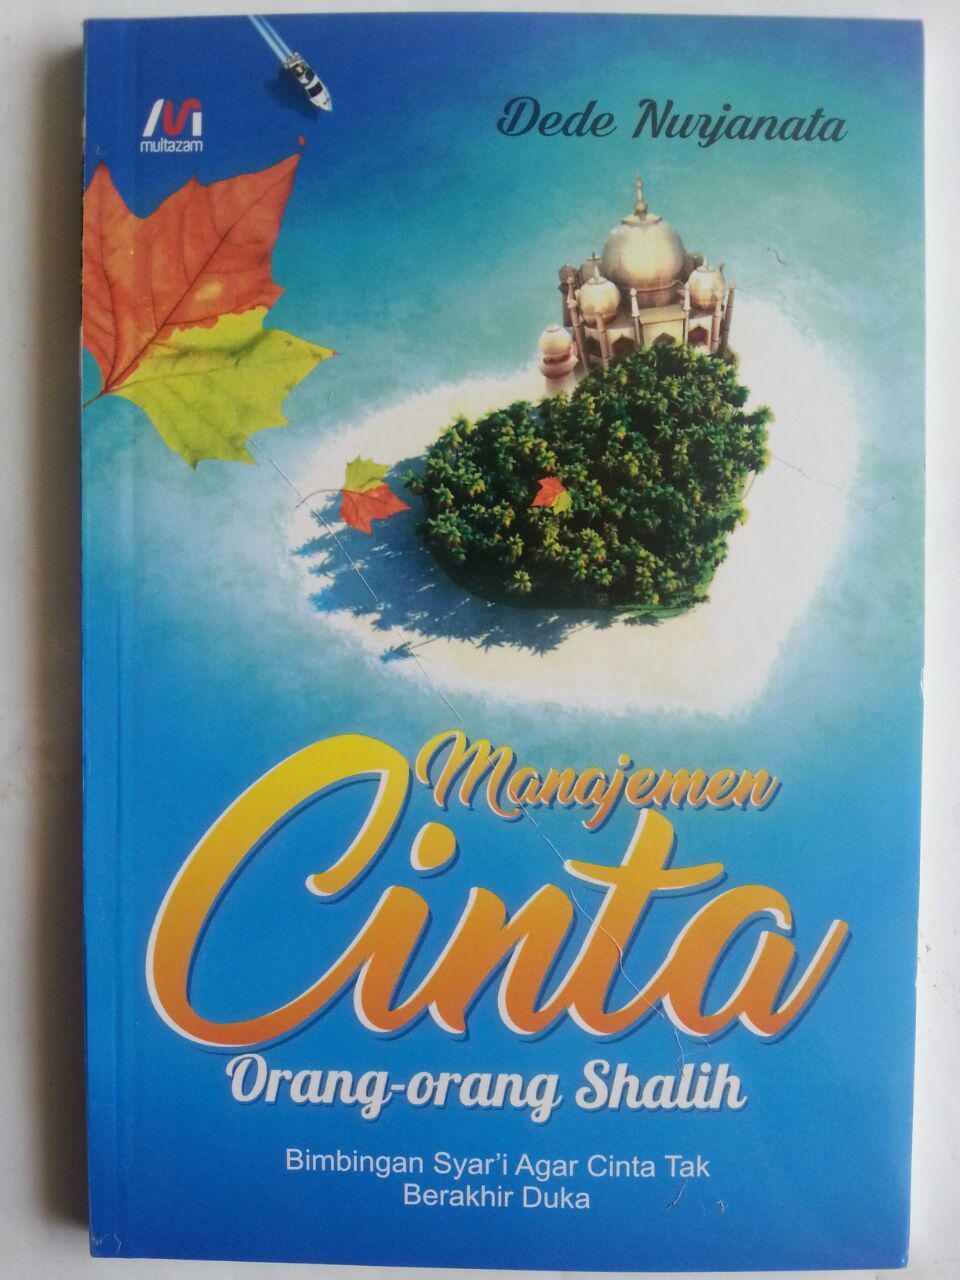 Buku Manajemen Cinta Orang-Orang Shalih Agar Cinta Tak Berahir Duka cover 2